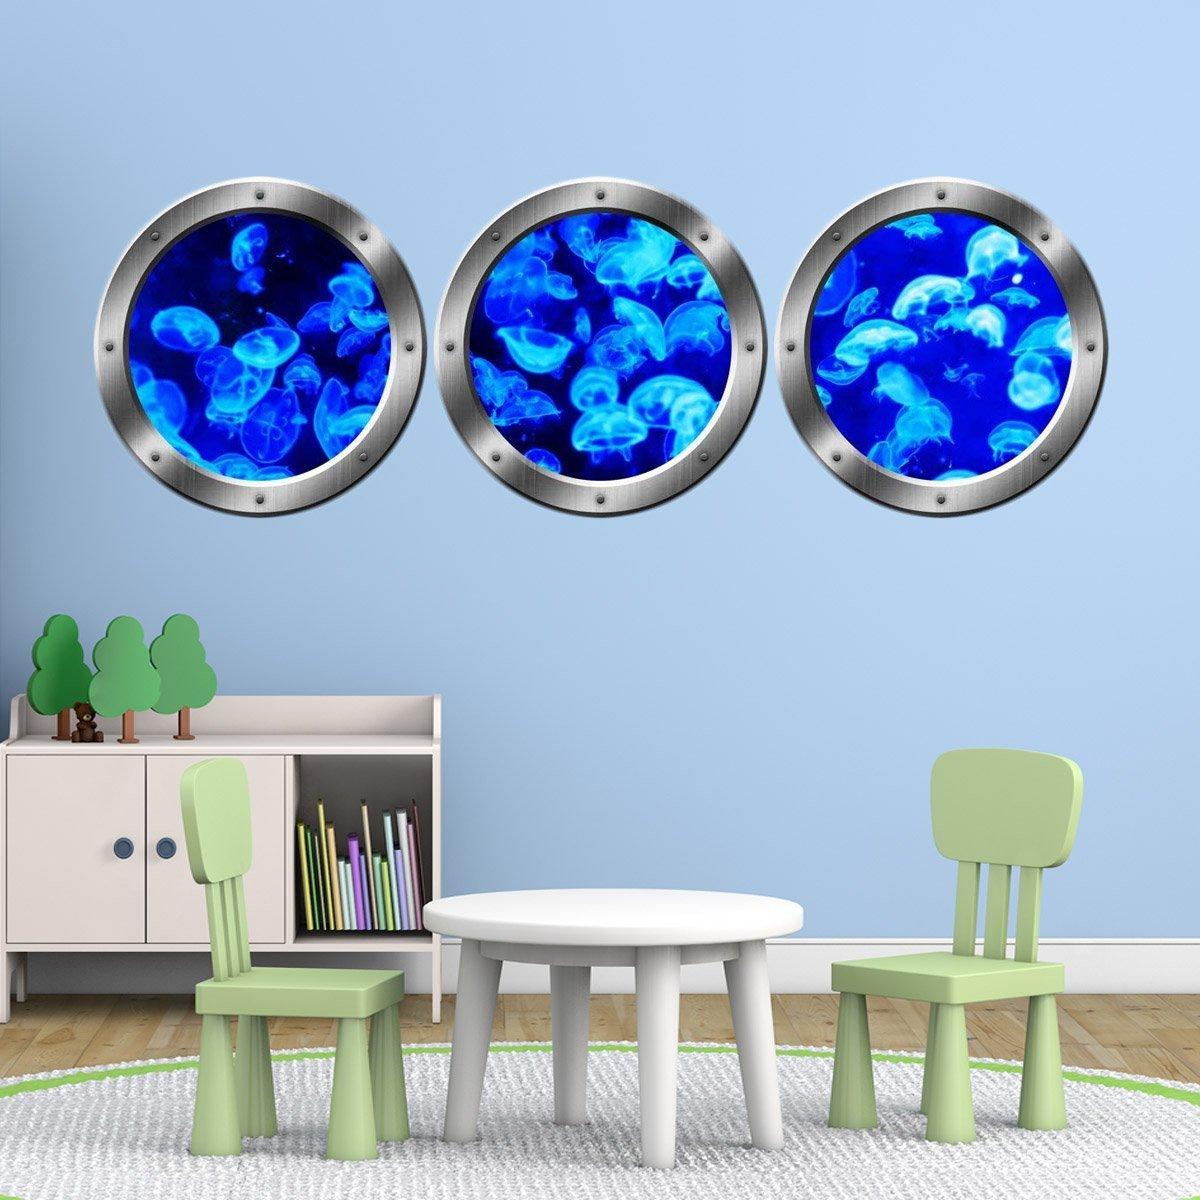 Vwaq Ocean Decals Animals Wall Decor Jellyfish Wall Sticker Sea Life Art Prints Vwaq Spw14 20 Diameter Silver Walmart Com Walmart Com